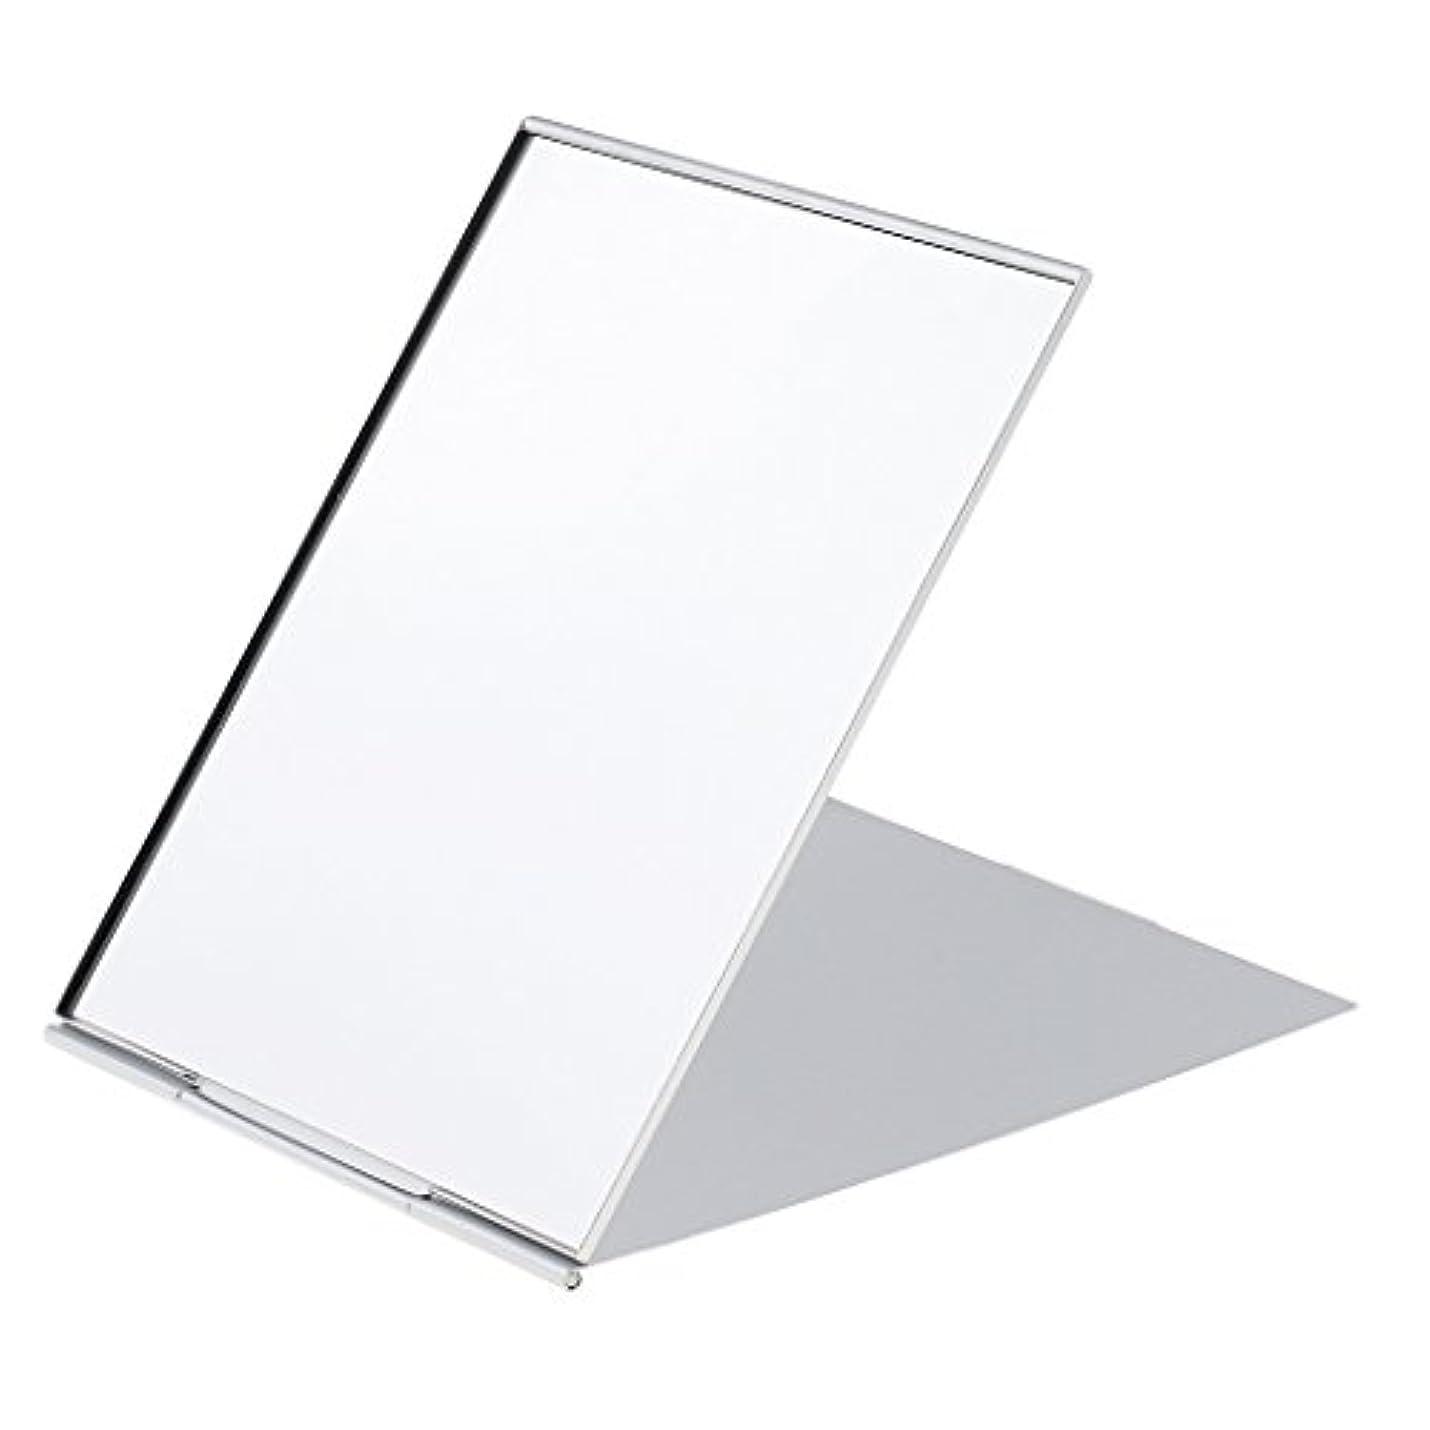 Perfk メイクアップミラー 鏡 化粧鏡 ミニ ポータブル 折り畳み式 超軽量 シンプル ファッション デザイン シルバー 3サイズ選べる - #1